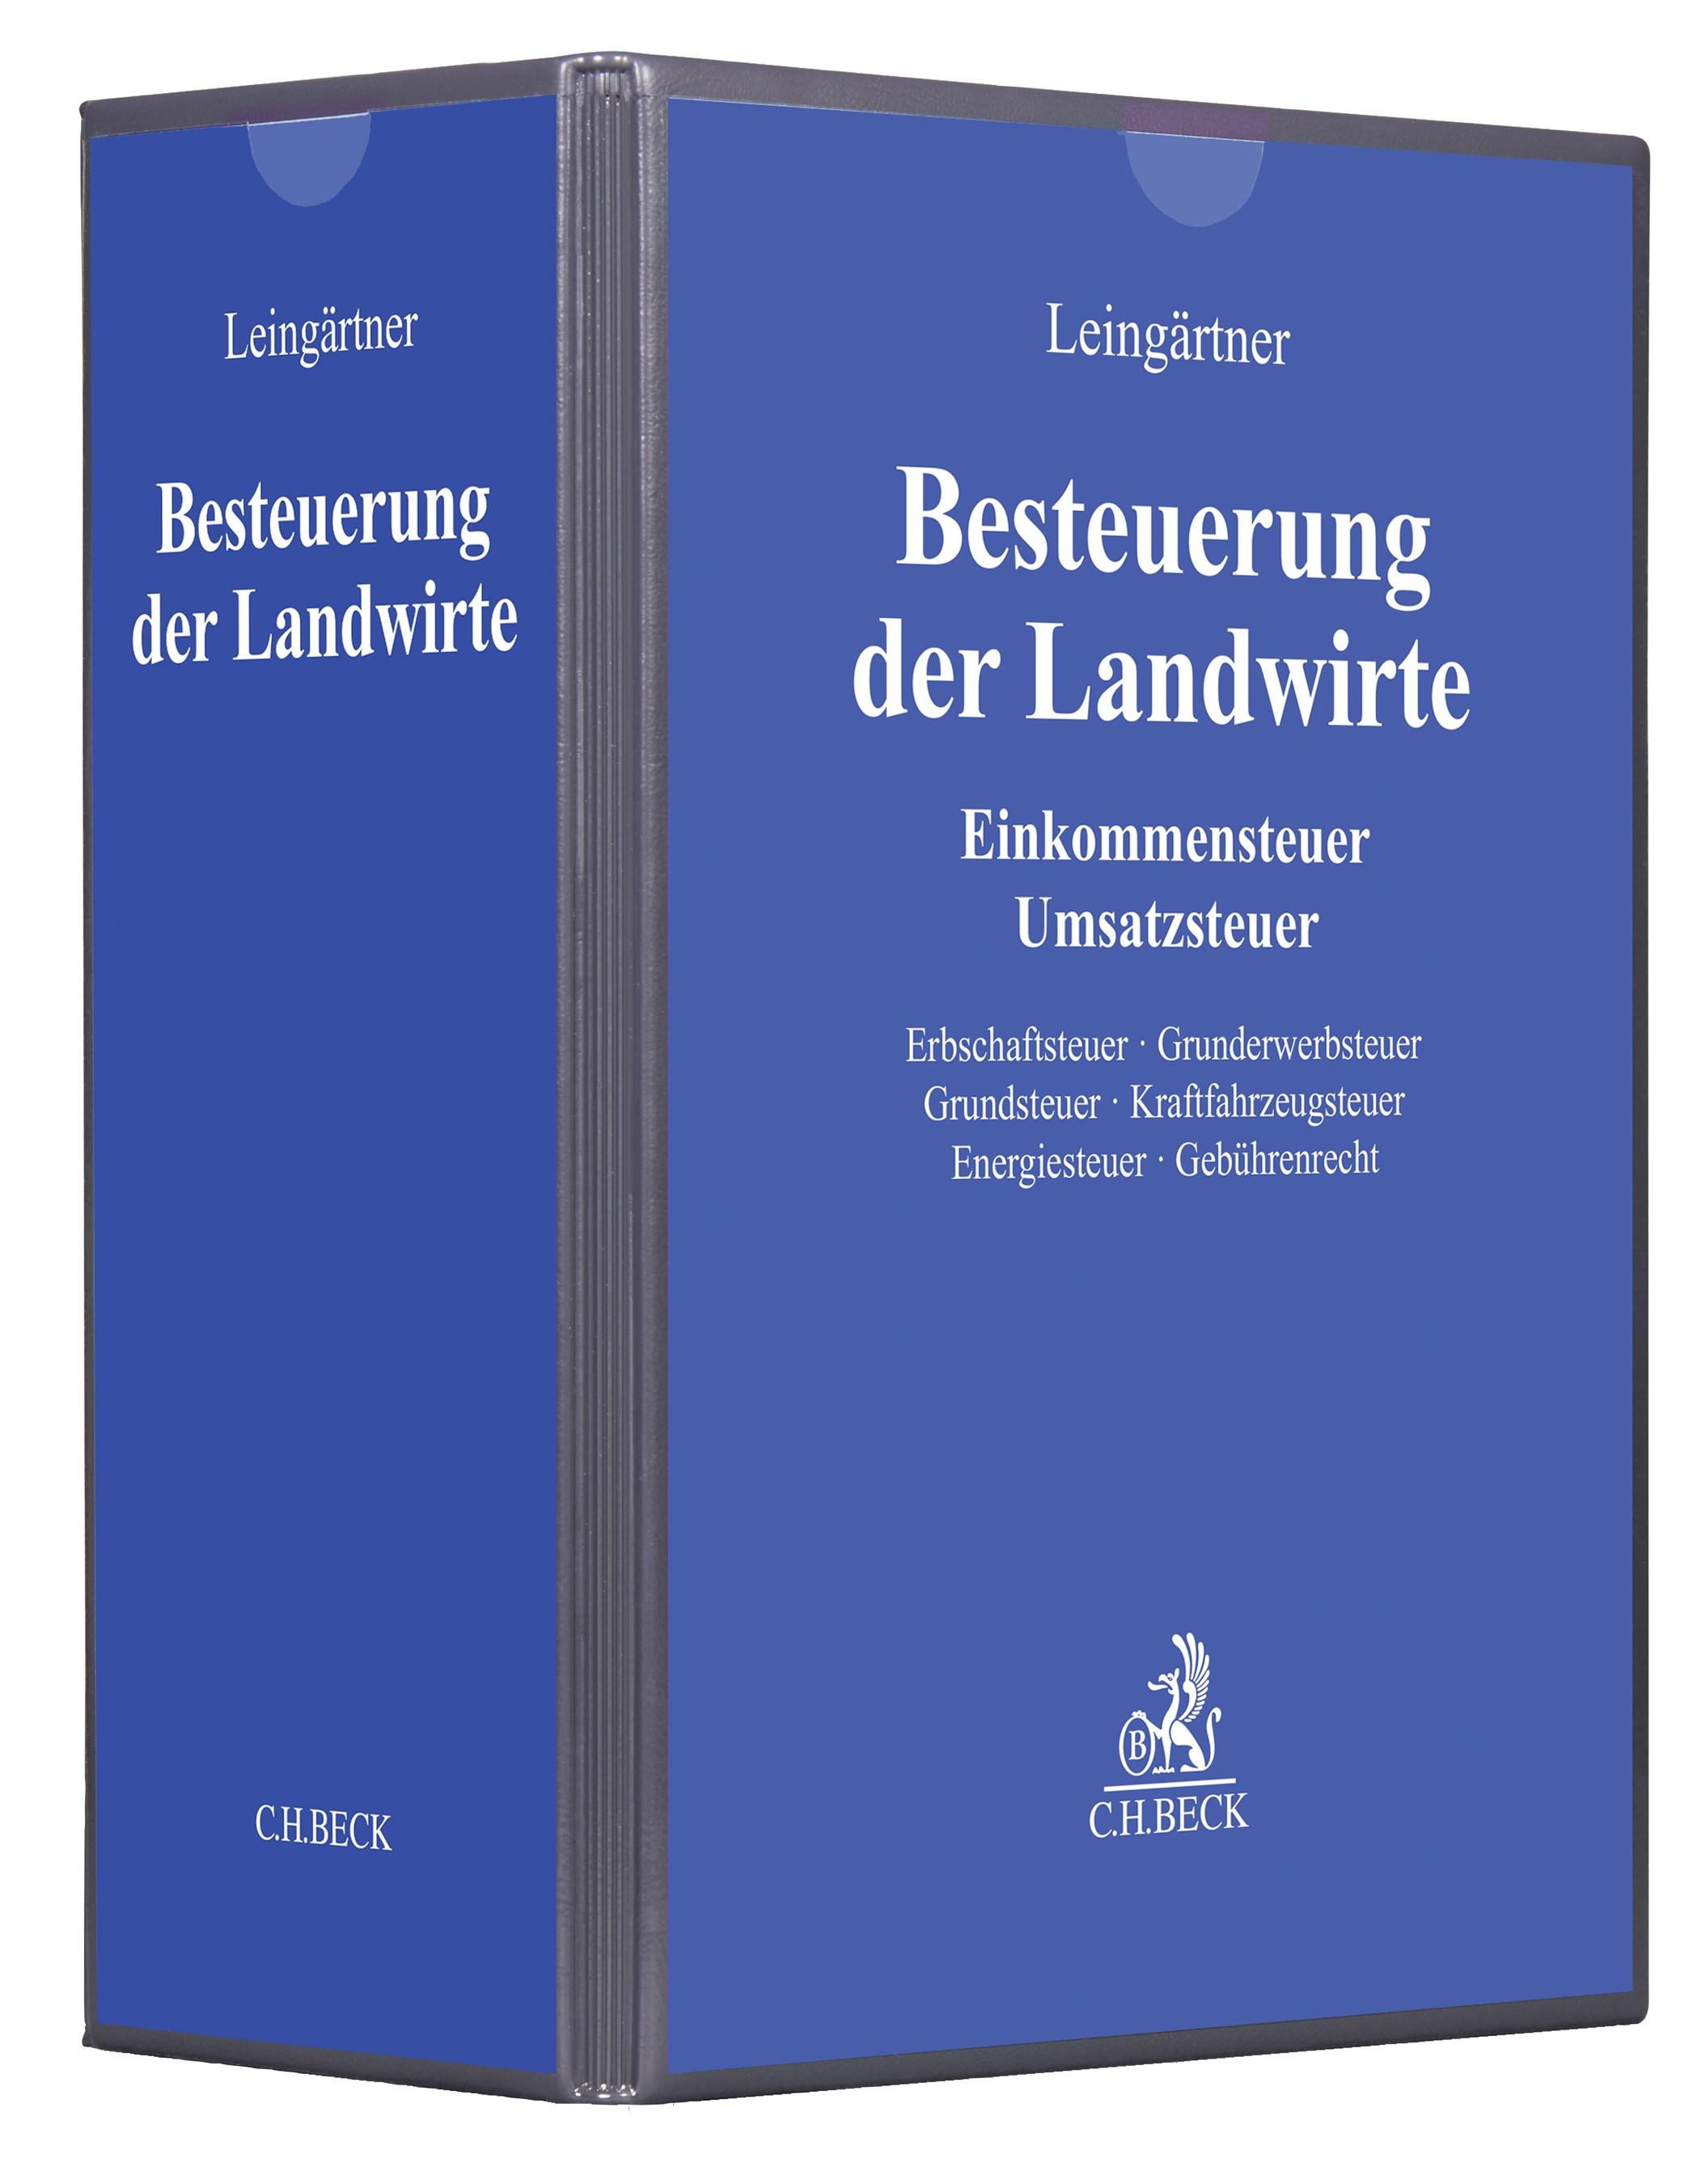 Besteuerung der Landwirte | Leingärtner | 33. Auflage (Cover)